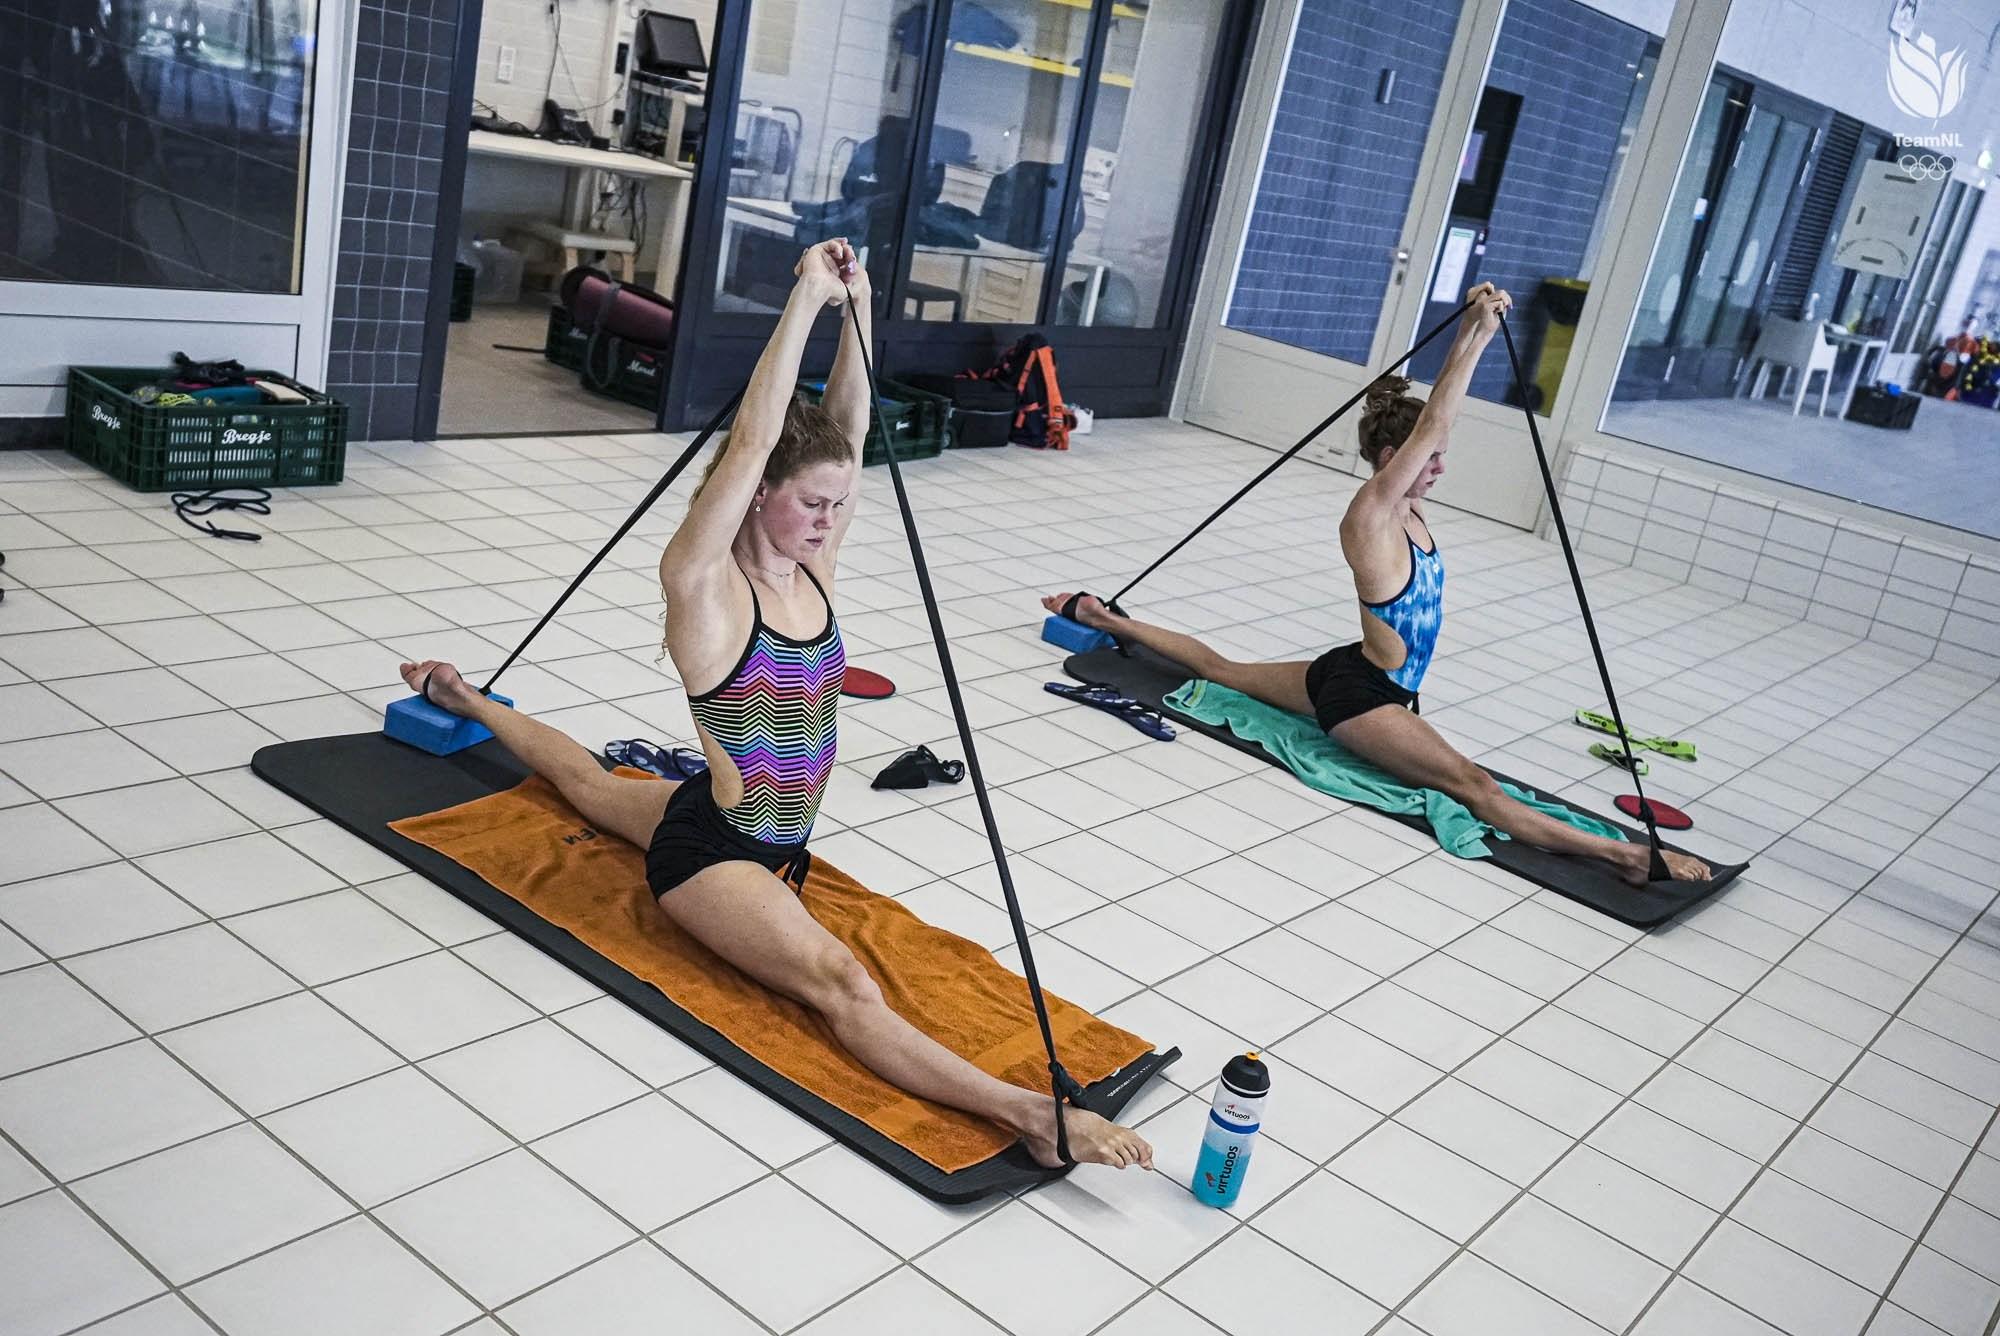 De 40 uur durende trainingsweek van Noortje en Bregje de Brouwer